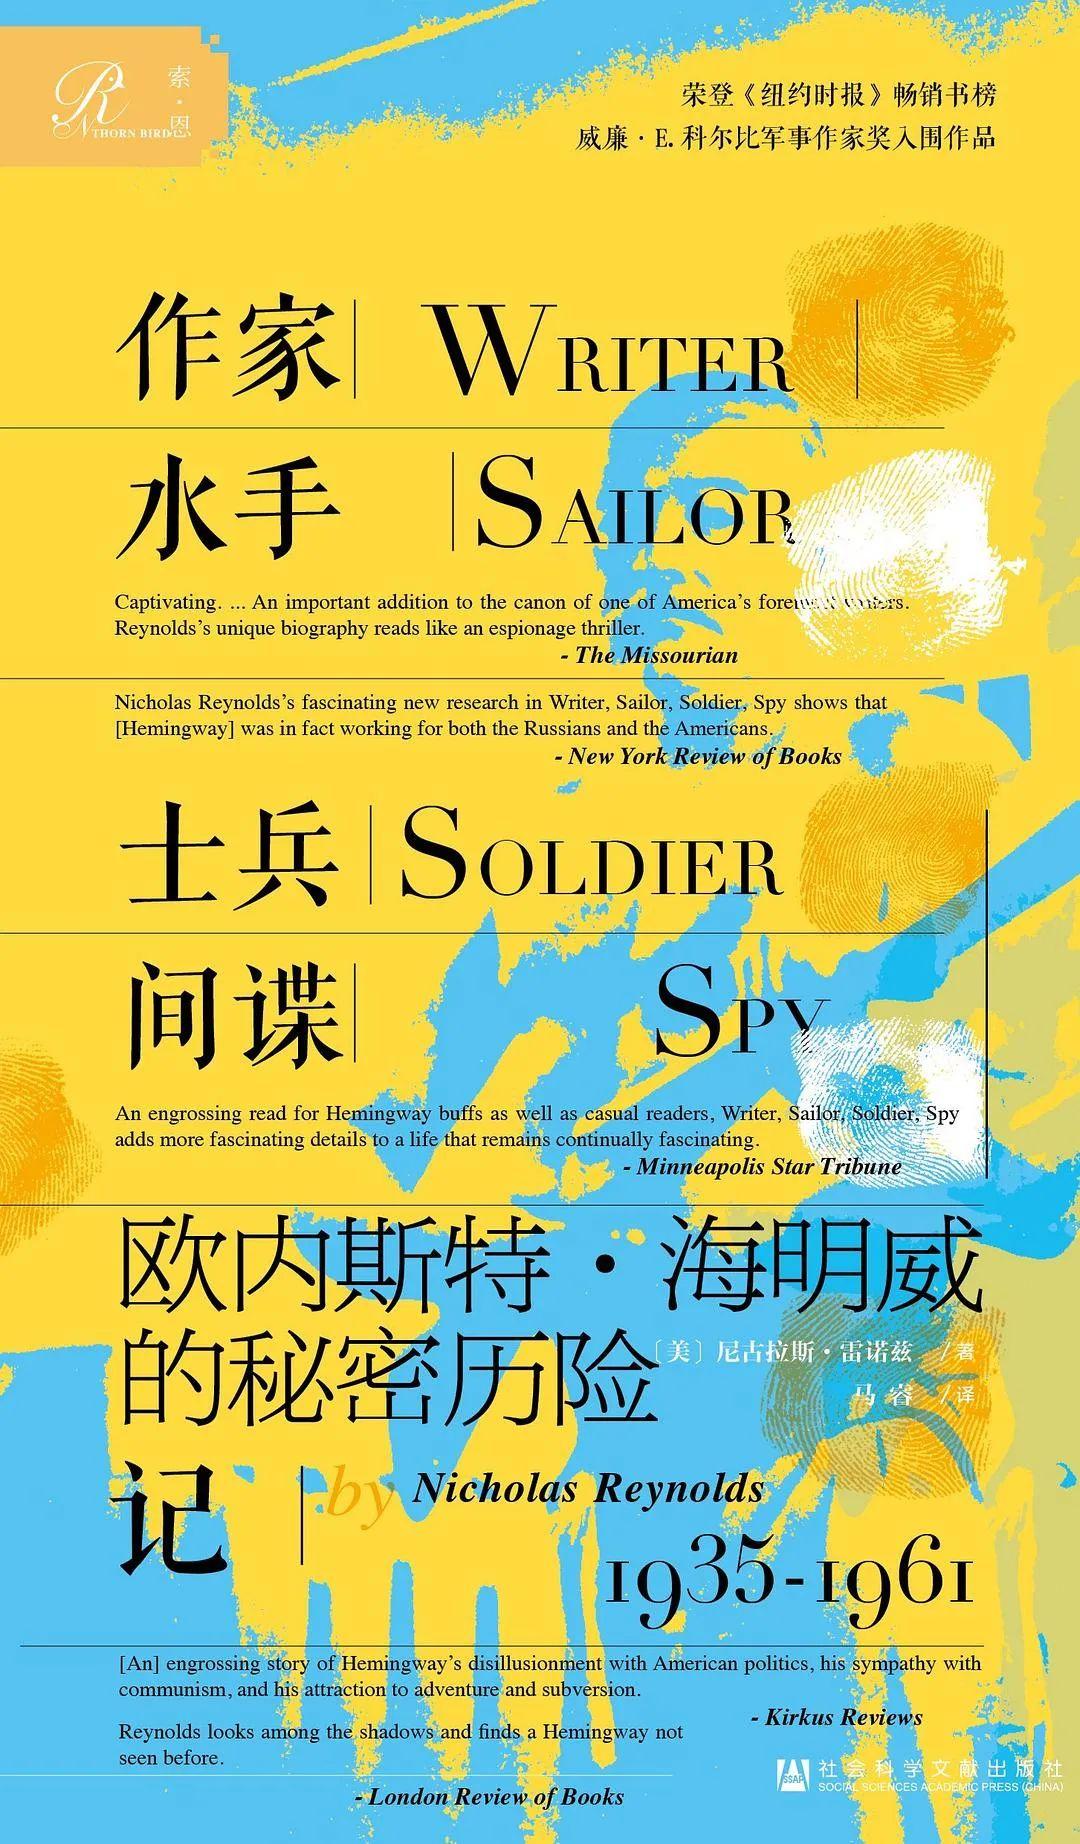 """作家、水手、士兵、间谍等,海明威的标签也许还可以加上一个""""演员""""。本书作者尼古拉斯·雷诺兹曾担任中情局博物馆的历史学家,从世界各地的档案中发现了海明威的秘密历险。译者:马睿 / 索·恩 ∣社会科学文献出版社 / 2018-10-30"""